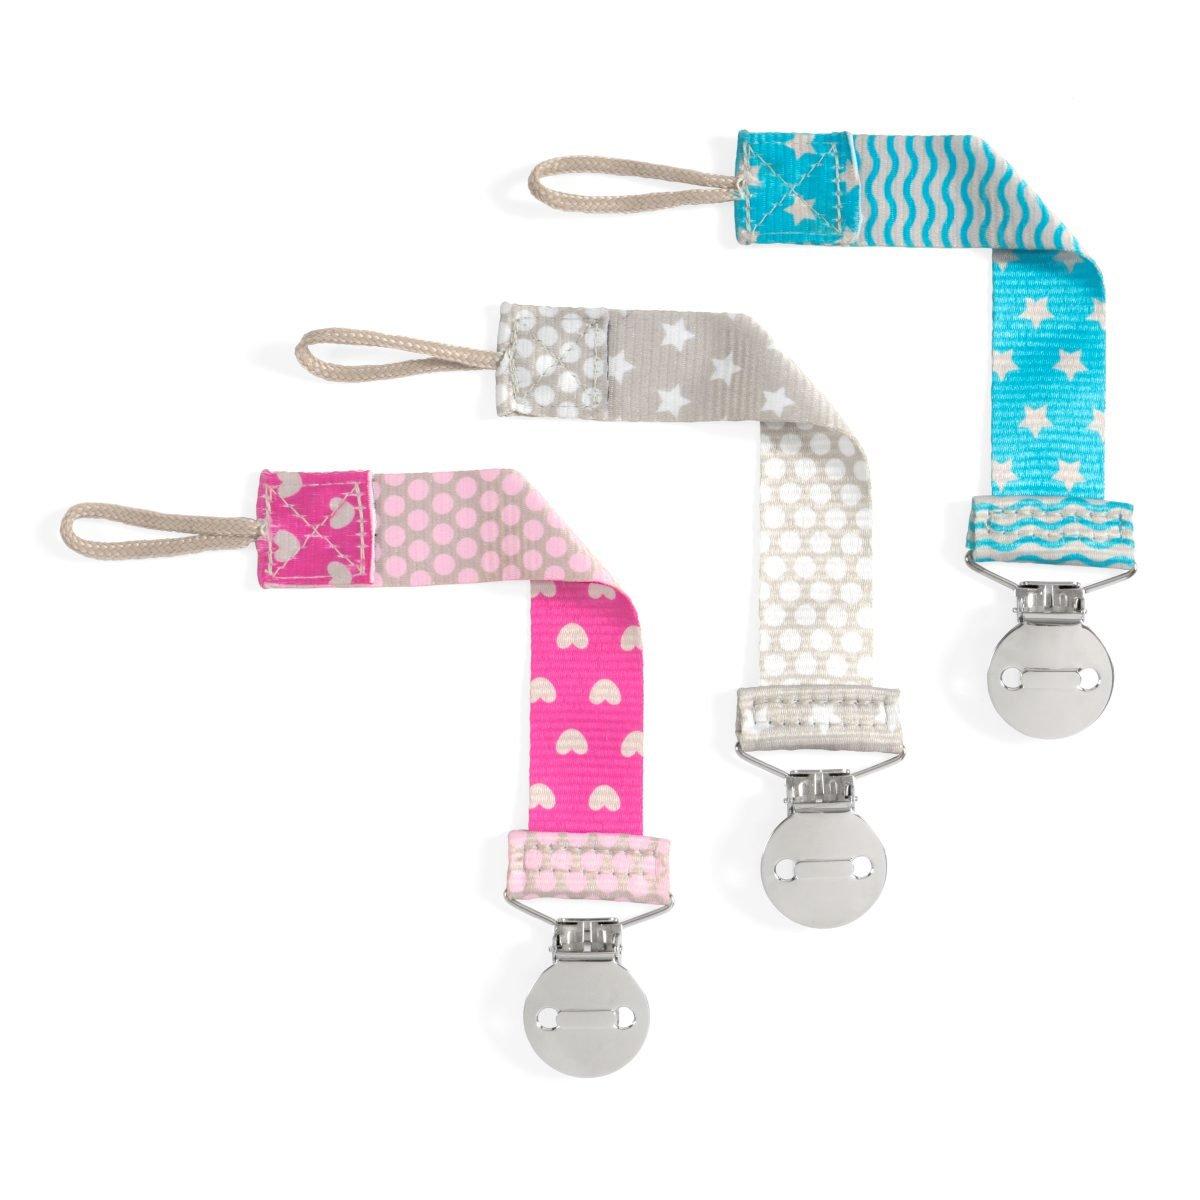 Chicco Κλιπ Πιπίλας Fashion Clip για Πιπίλες με ή Χωρίς Κρίκο 0+ – ροζ